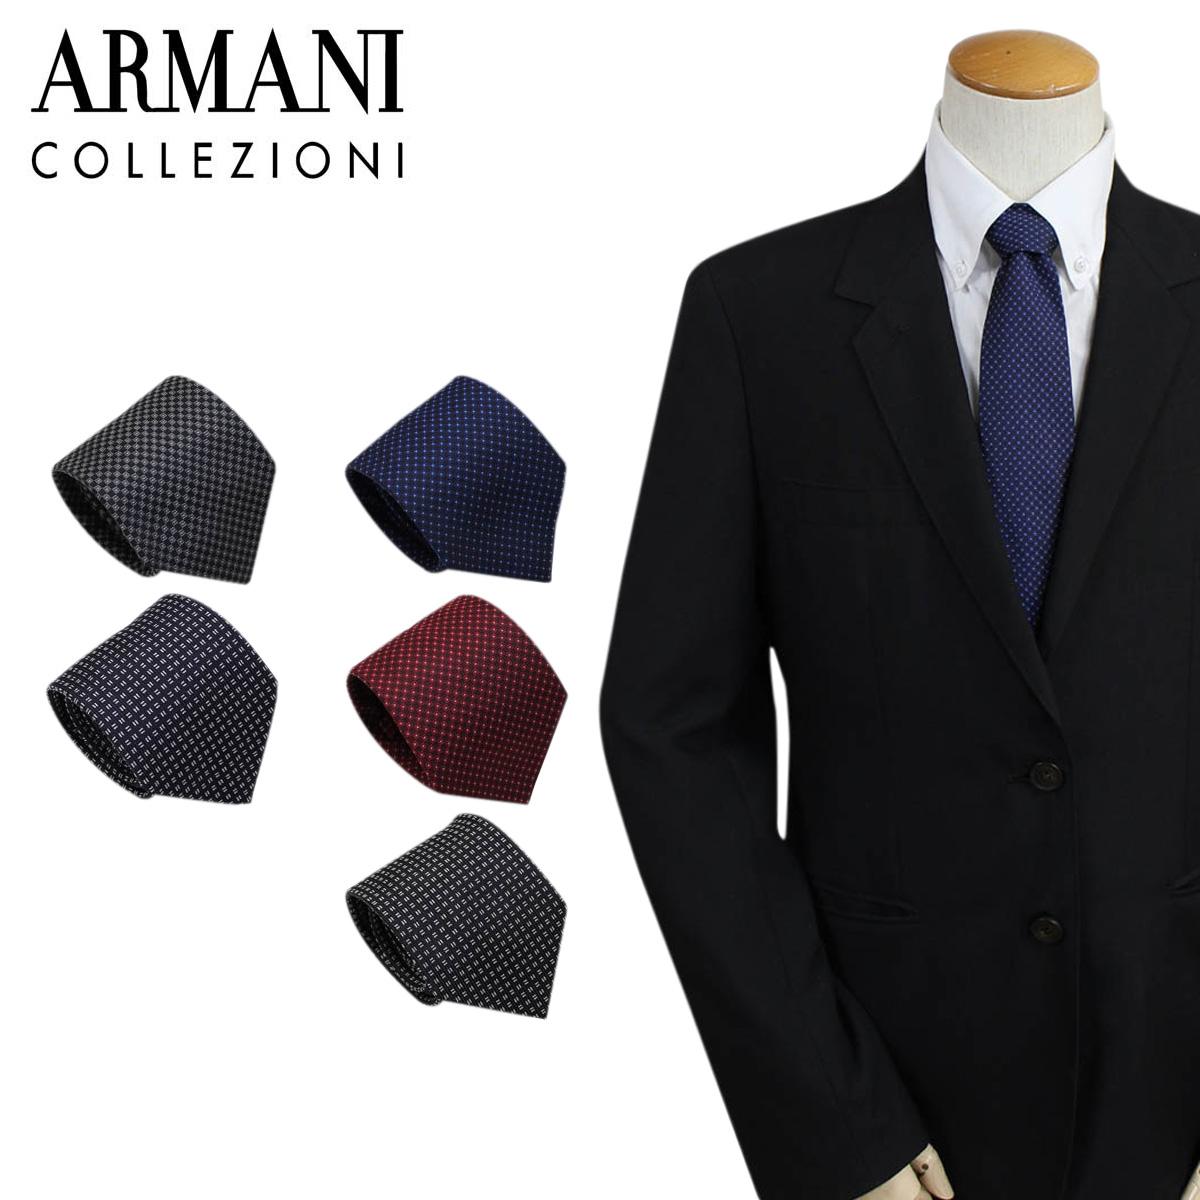 ARMANI COLLEZIONI アルマーニ ネクタイ コレツィオーニ イタリア製 シルク ビジネス 結婚式 メンズ [182]